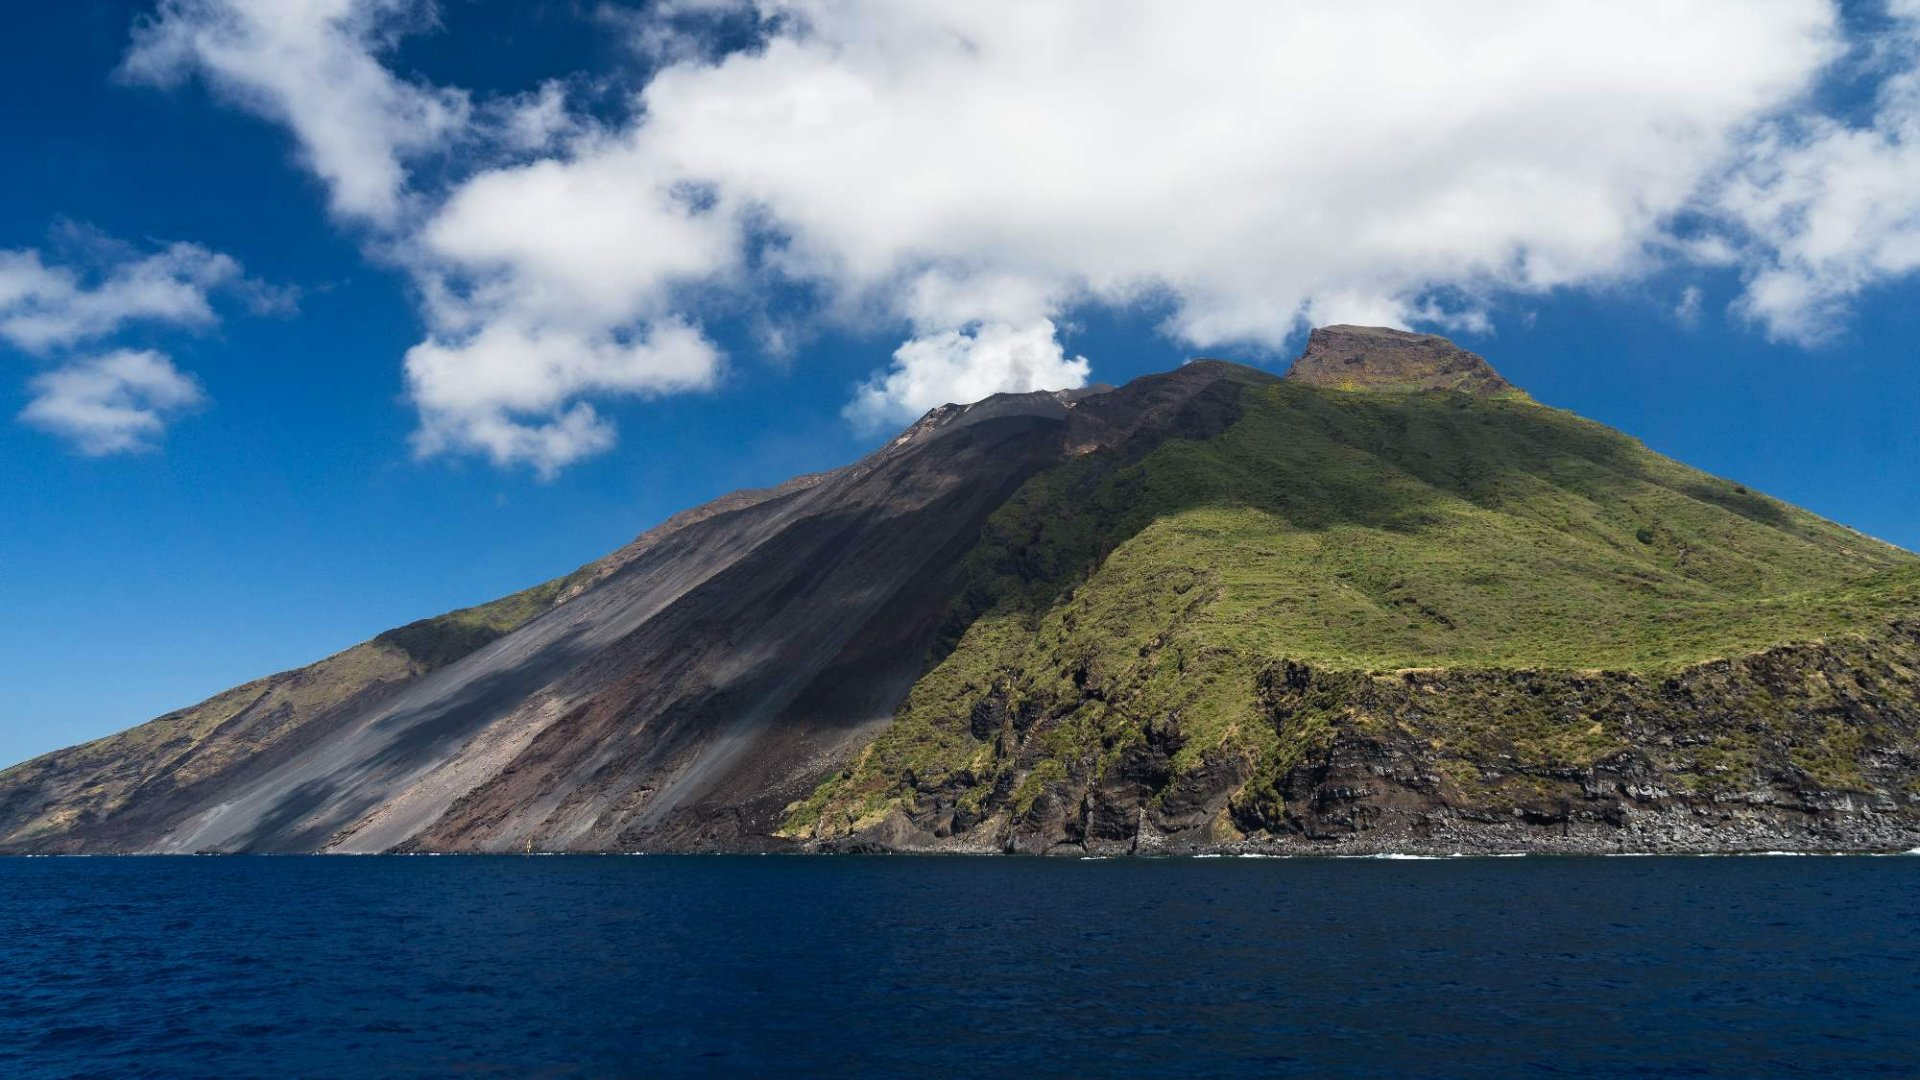 Ostrov a sopka Stromboli – Co zažít na unikátním vulkánu?